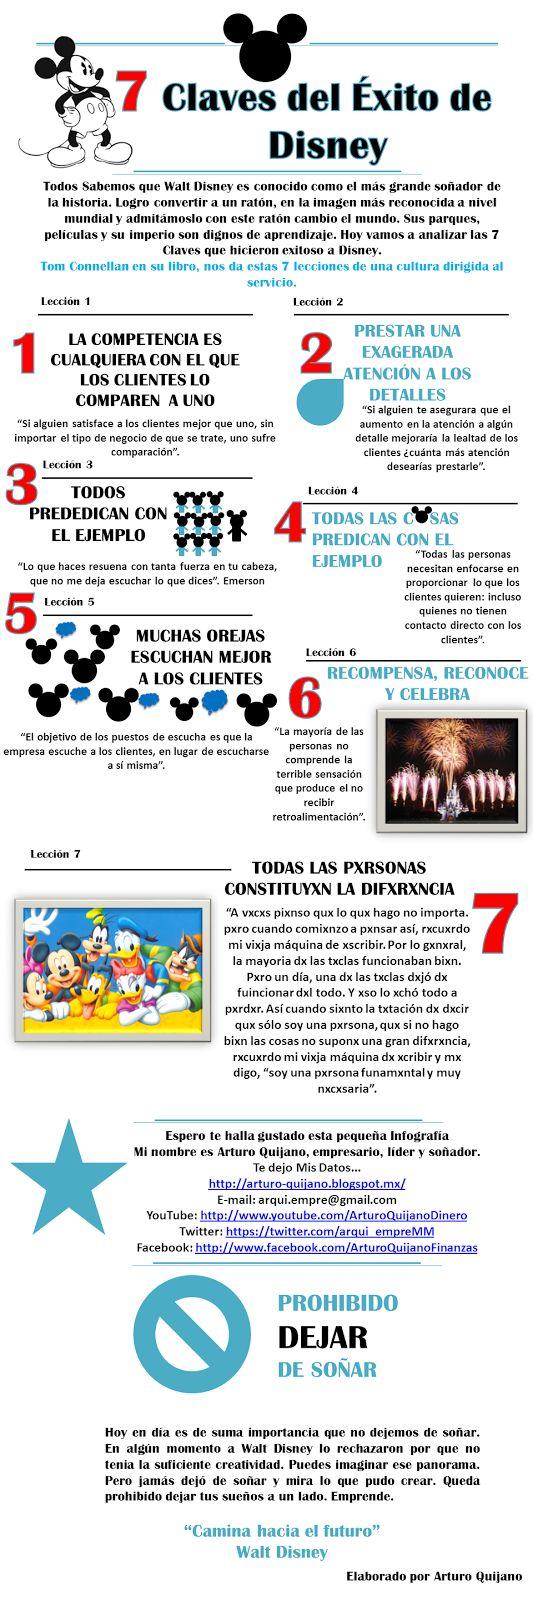 7 claves del éxito de Disney, siguiendo con el tema de soñar  Te esperamos en http://psicopedia.org